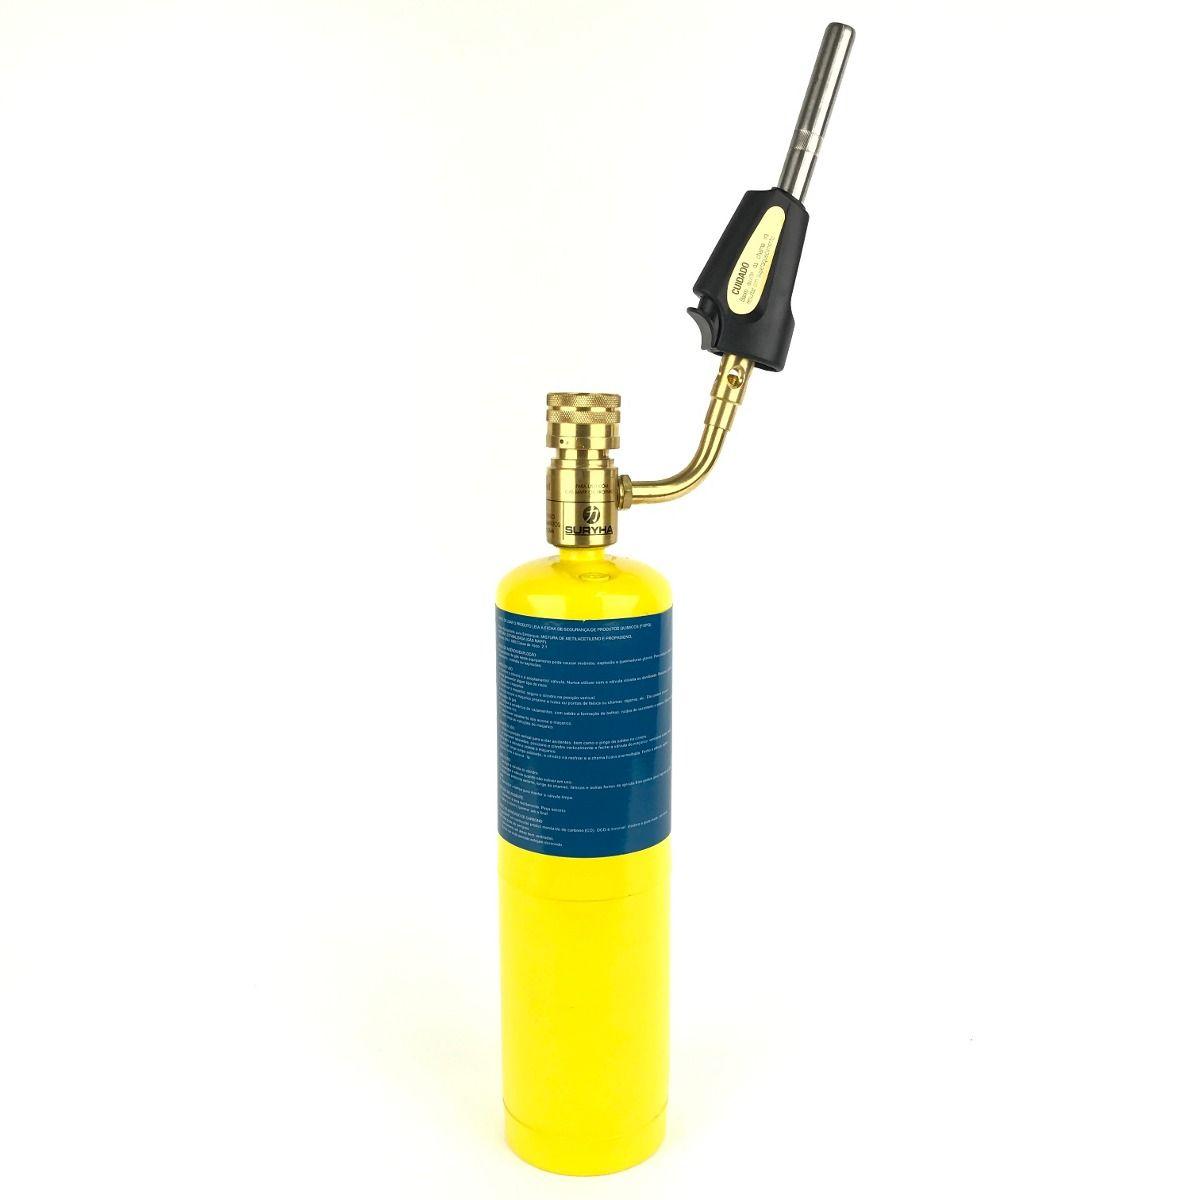 Cilindro Gás Propano 453,60gr + Bico Maçarico Automático - Suryha